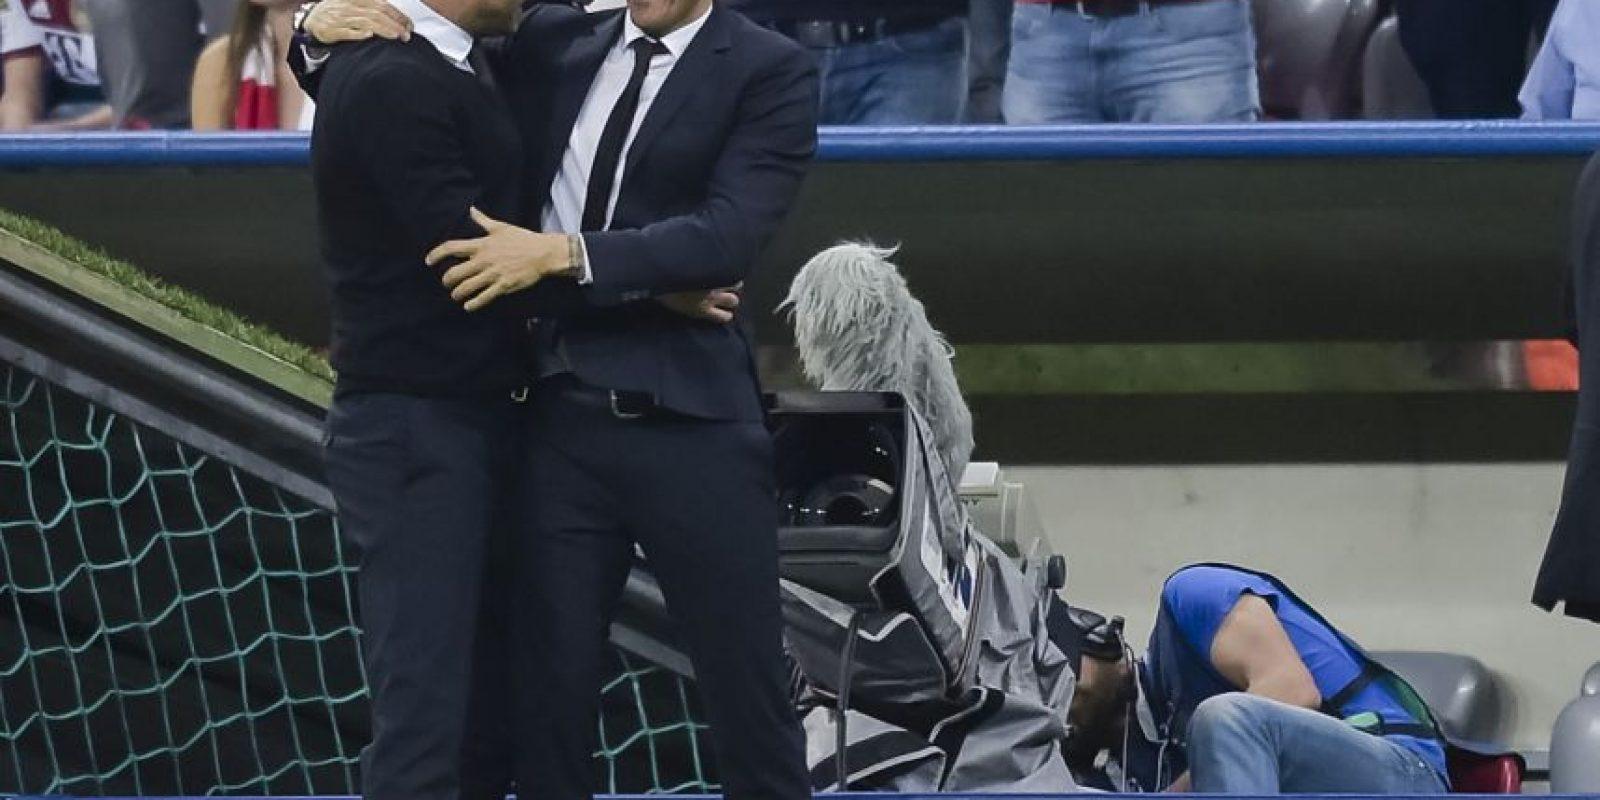 Al final del duelo, Pep Guardiola felicitó a su colega, Luis Enrique. Foto:AFP